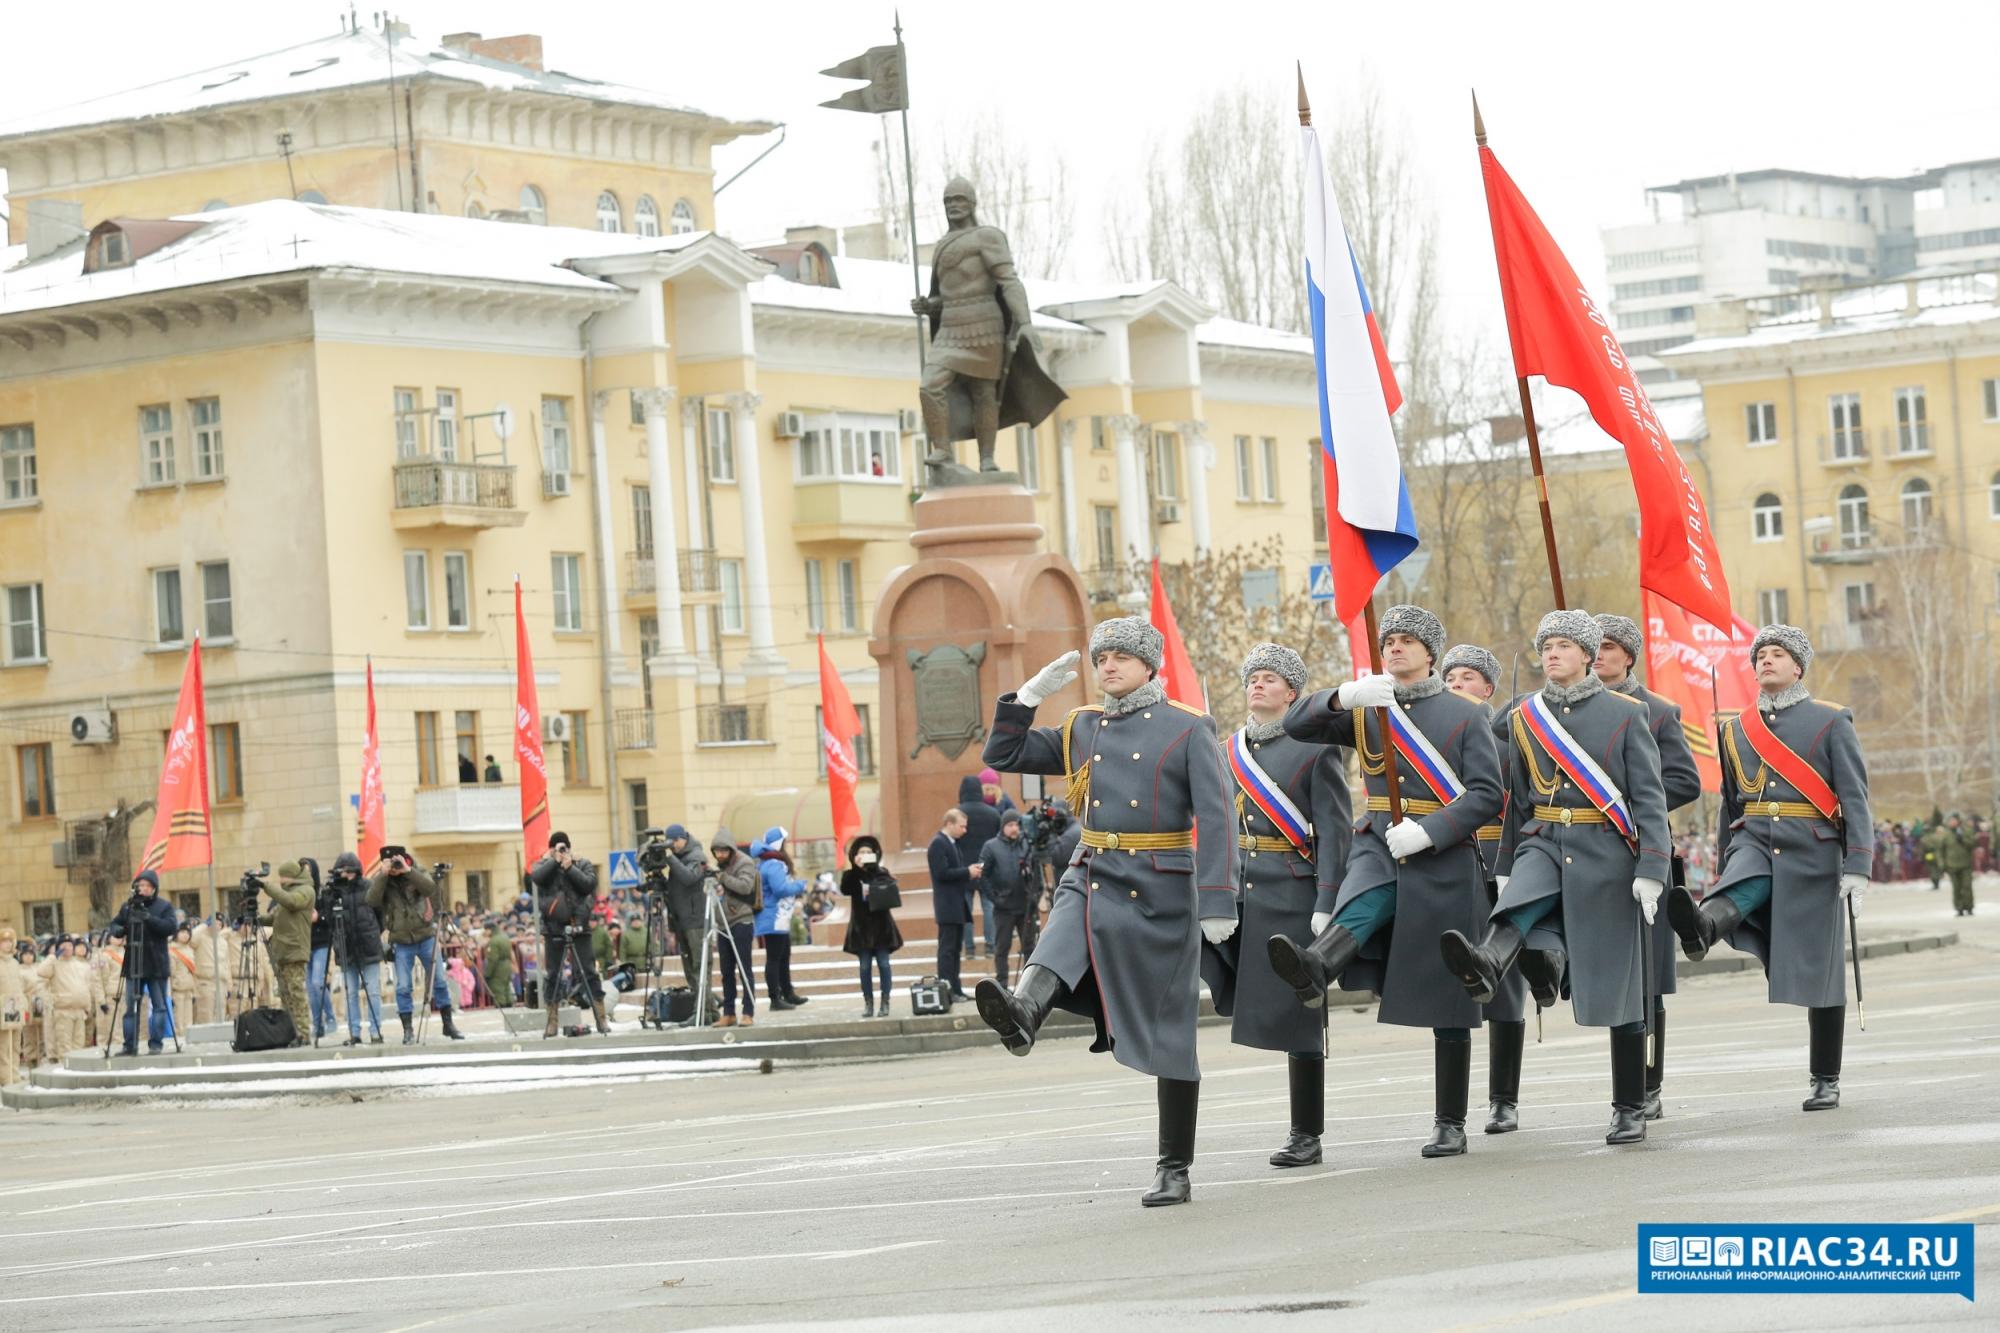 Послы трех стран впечатлены празднованием Сталинградской Победы в Волгограде